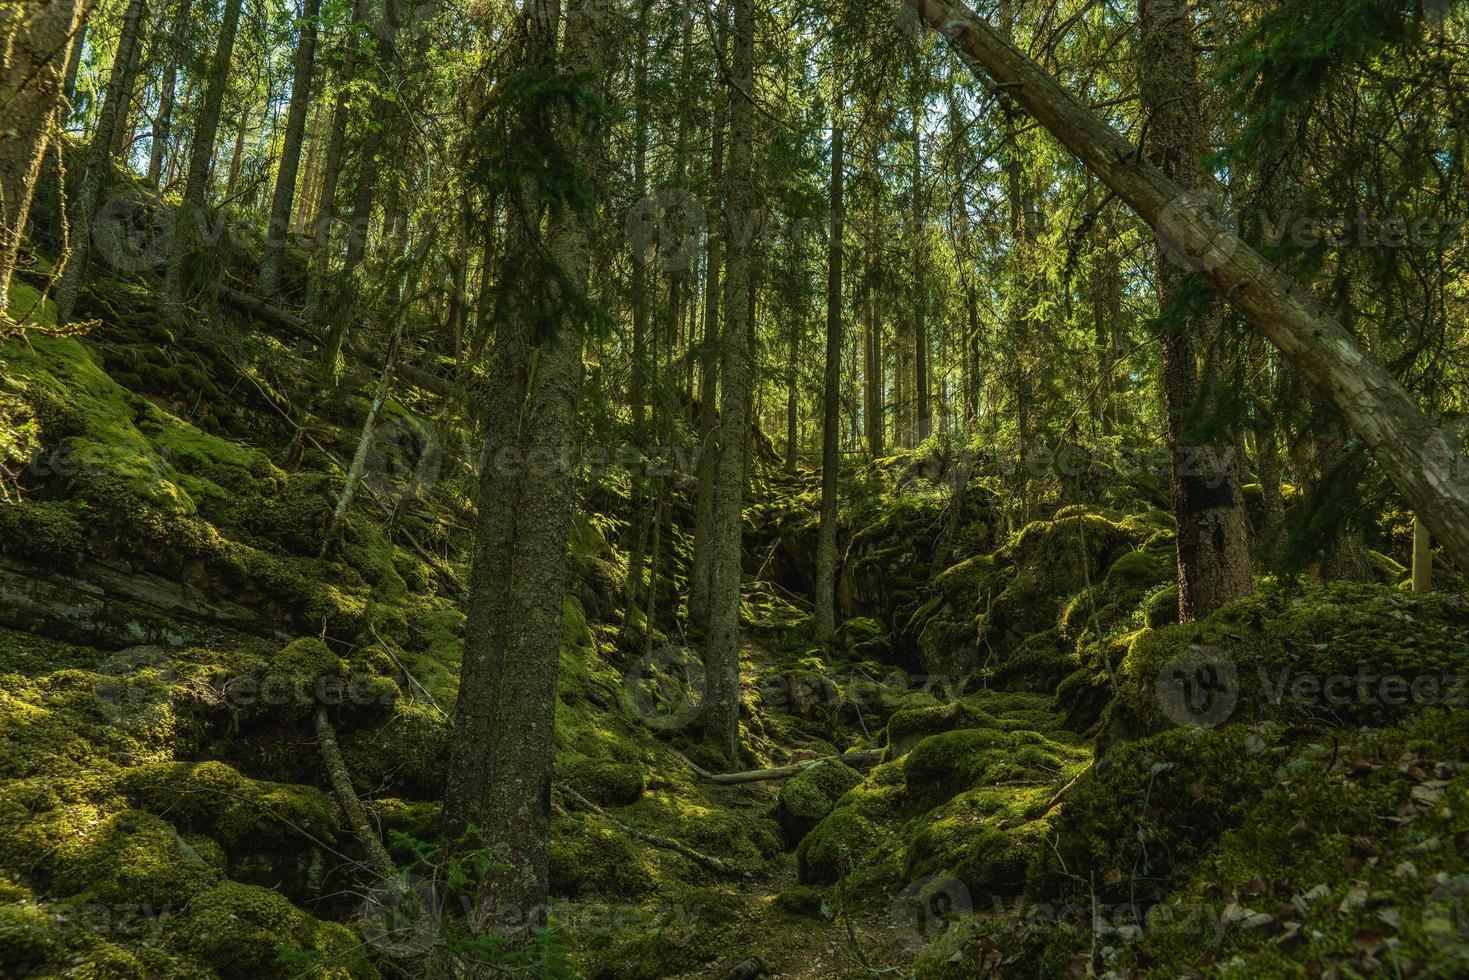 vildvuxen skog som växer upp en bergssida i sverige foto